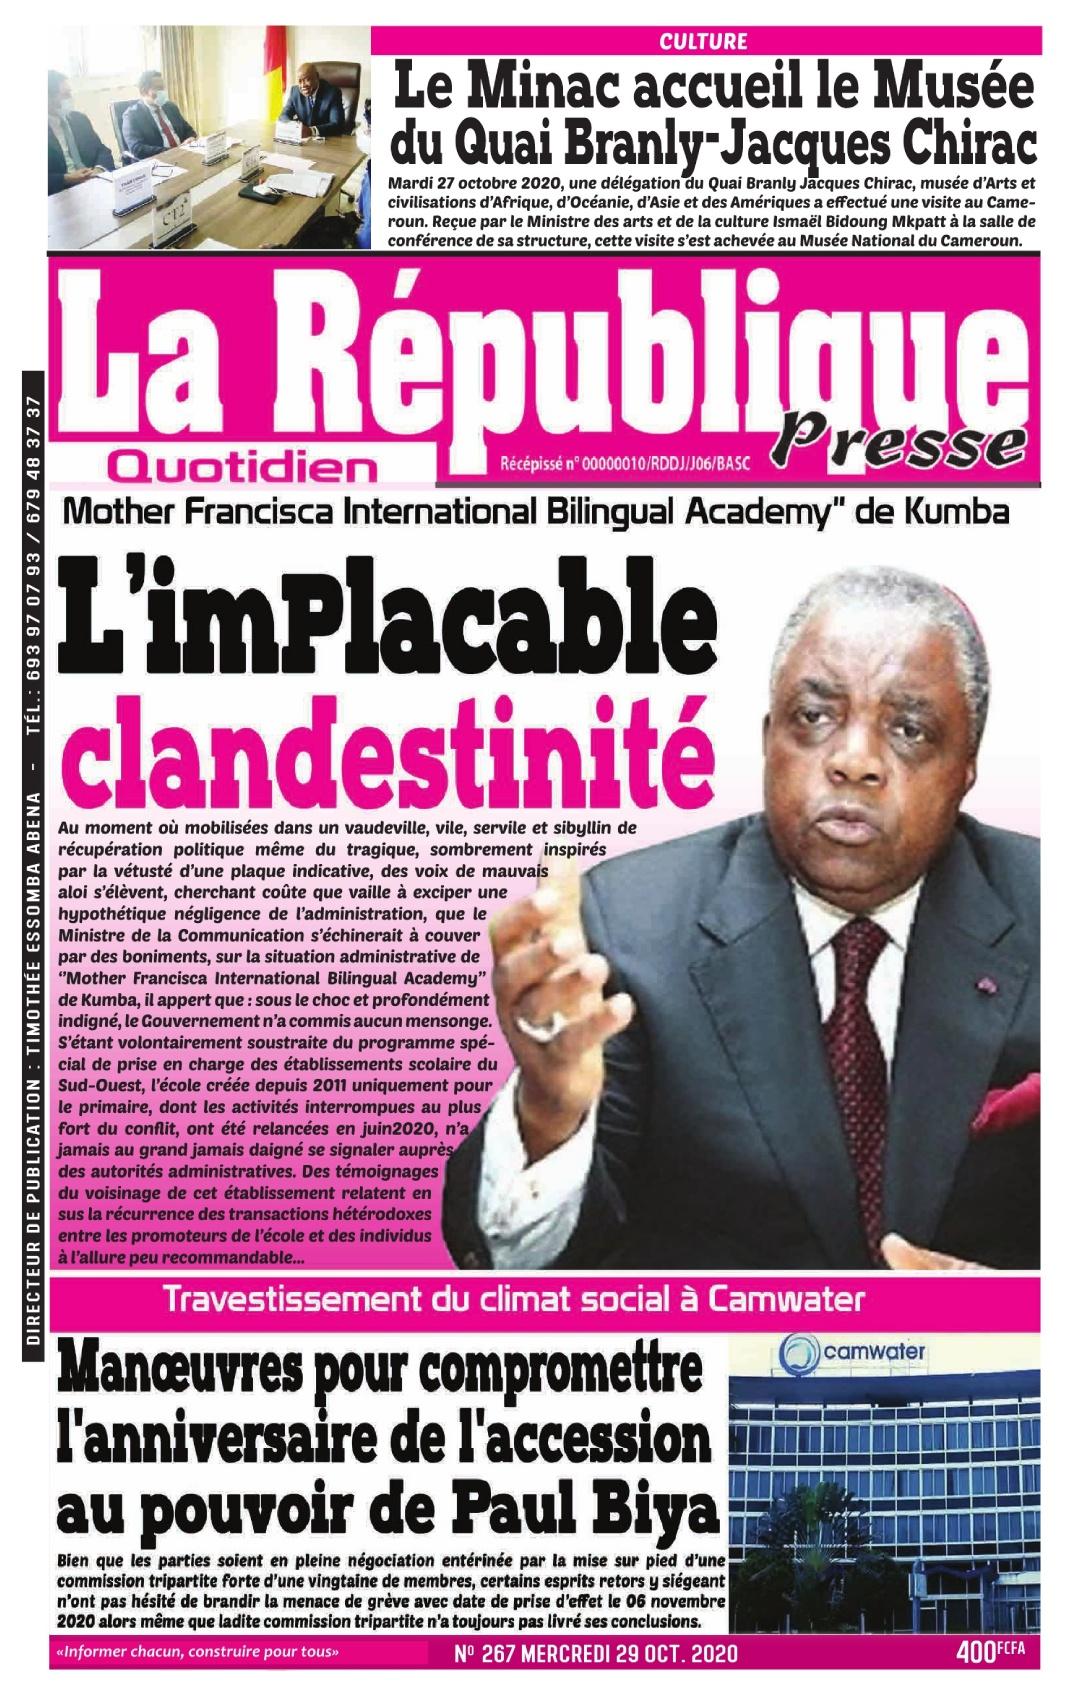 LA REPUBLIQUE PRESSE - 29/10/2020